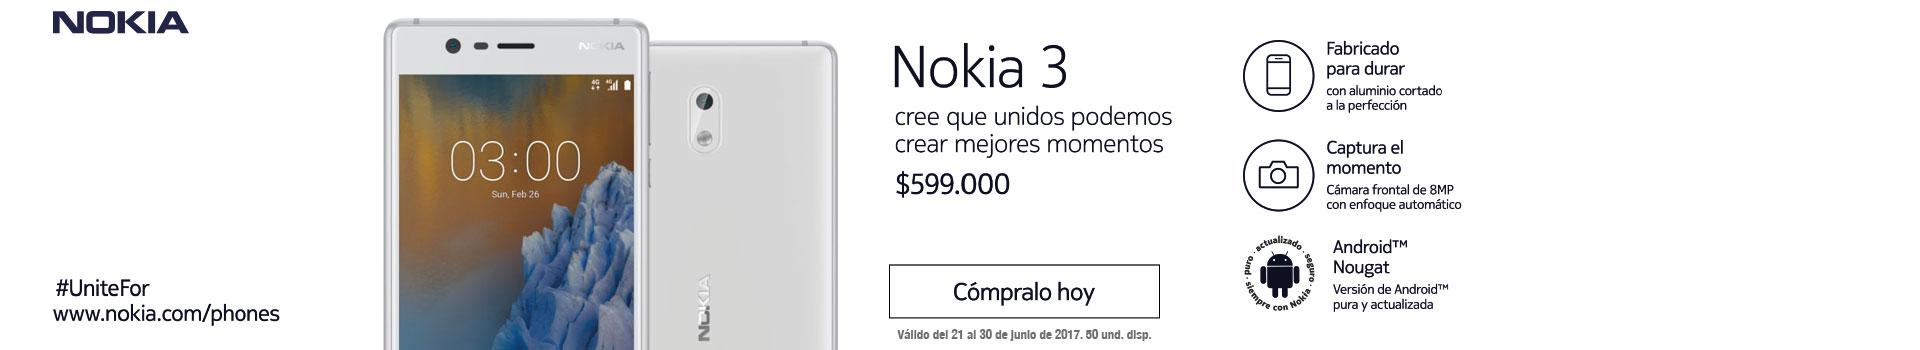 Bcat AK KT- Celular Nokia N3 - jun21